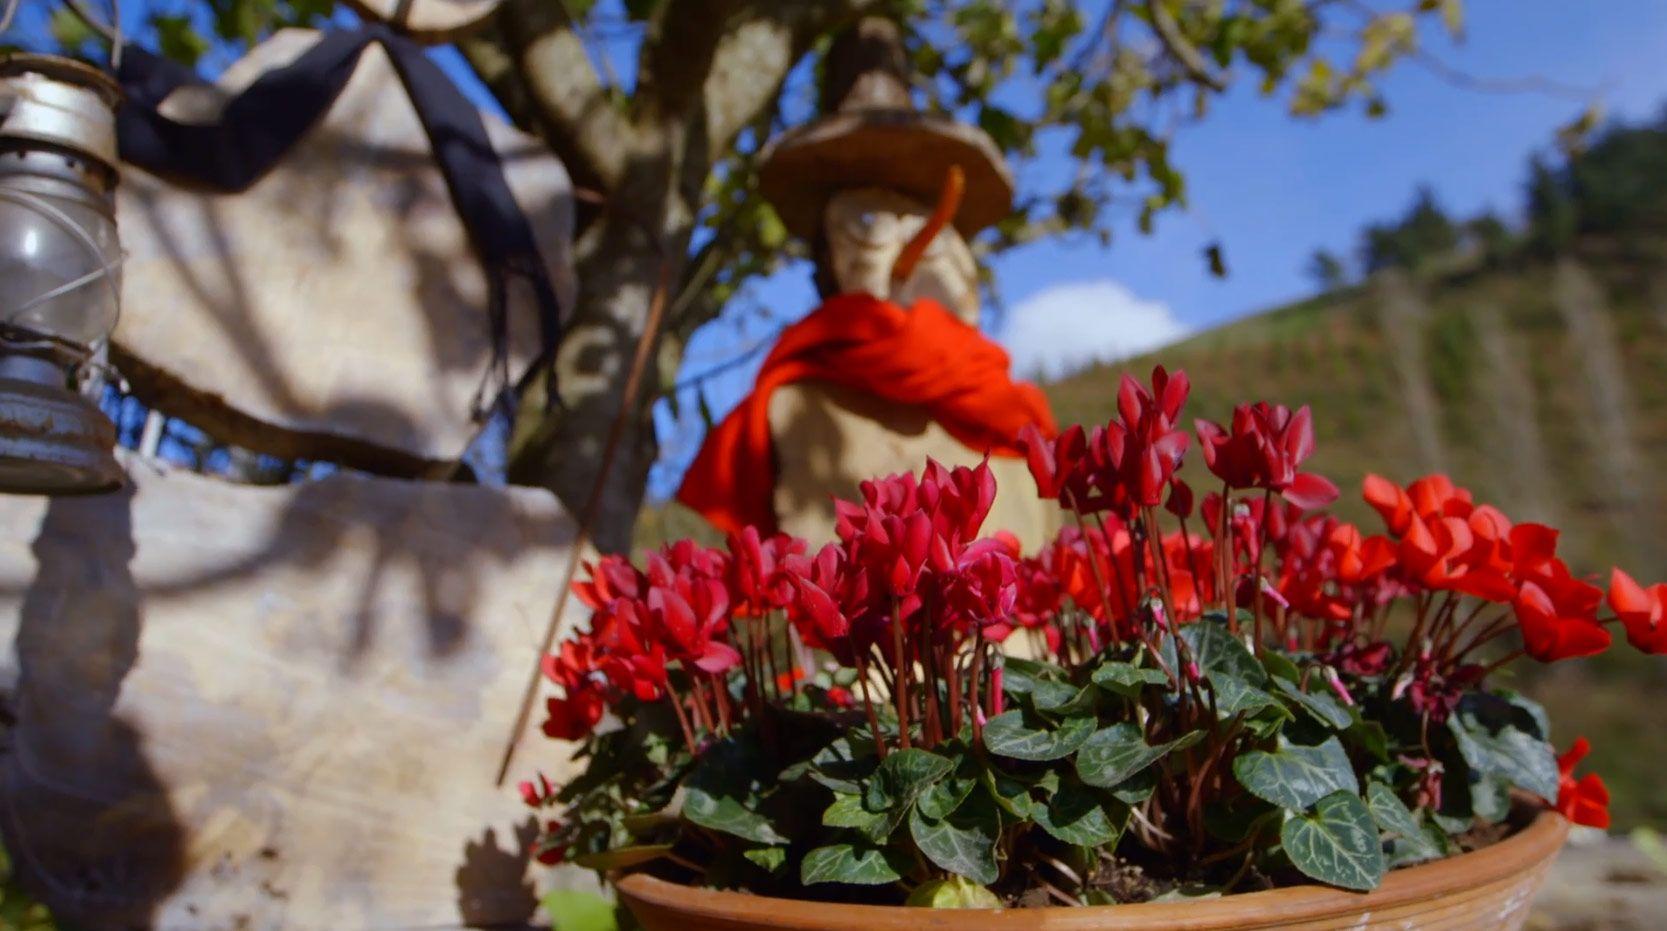 Hacer un muñeco de nieve de madera para decorar el jardín